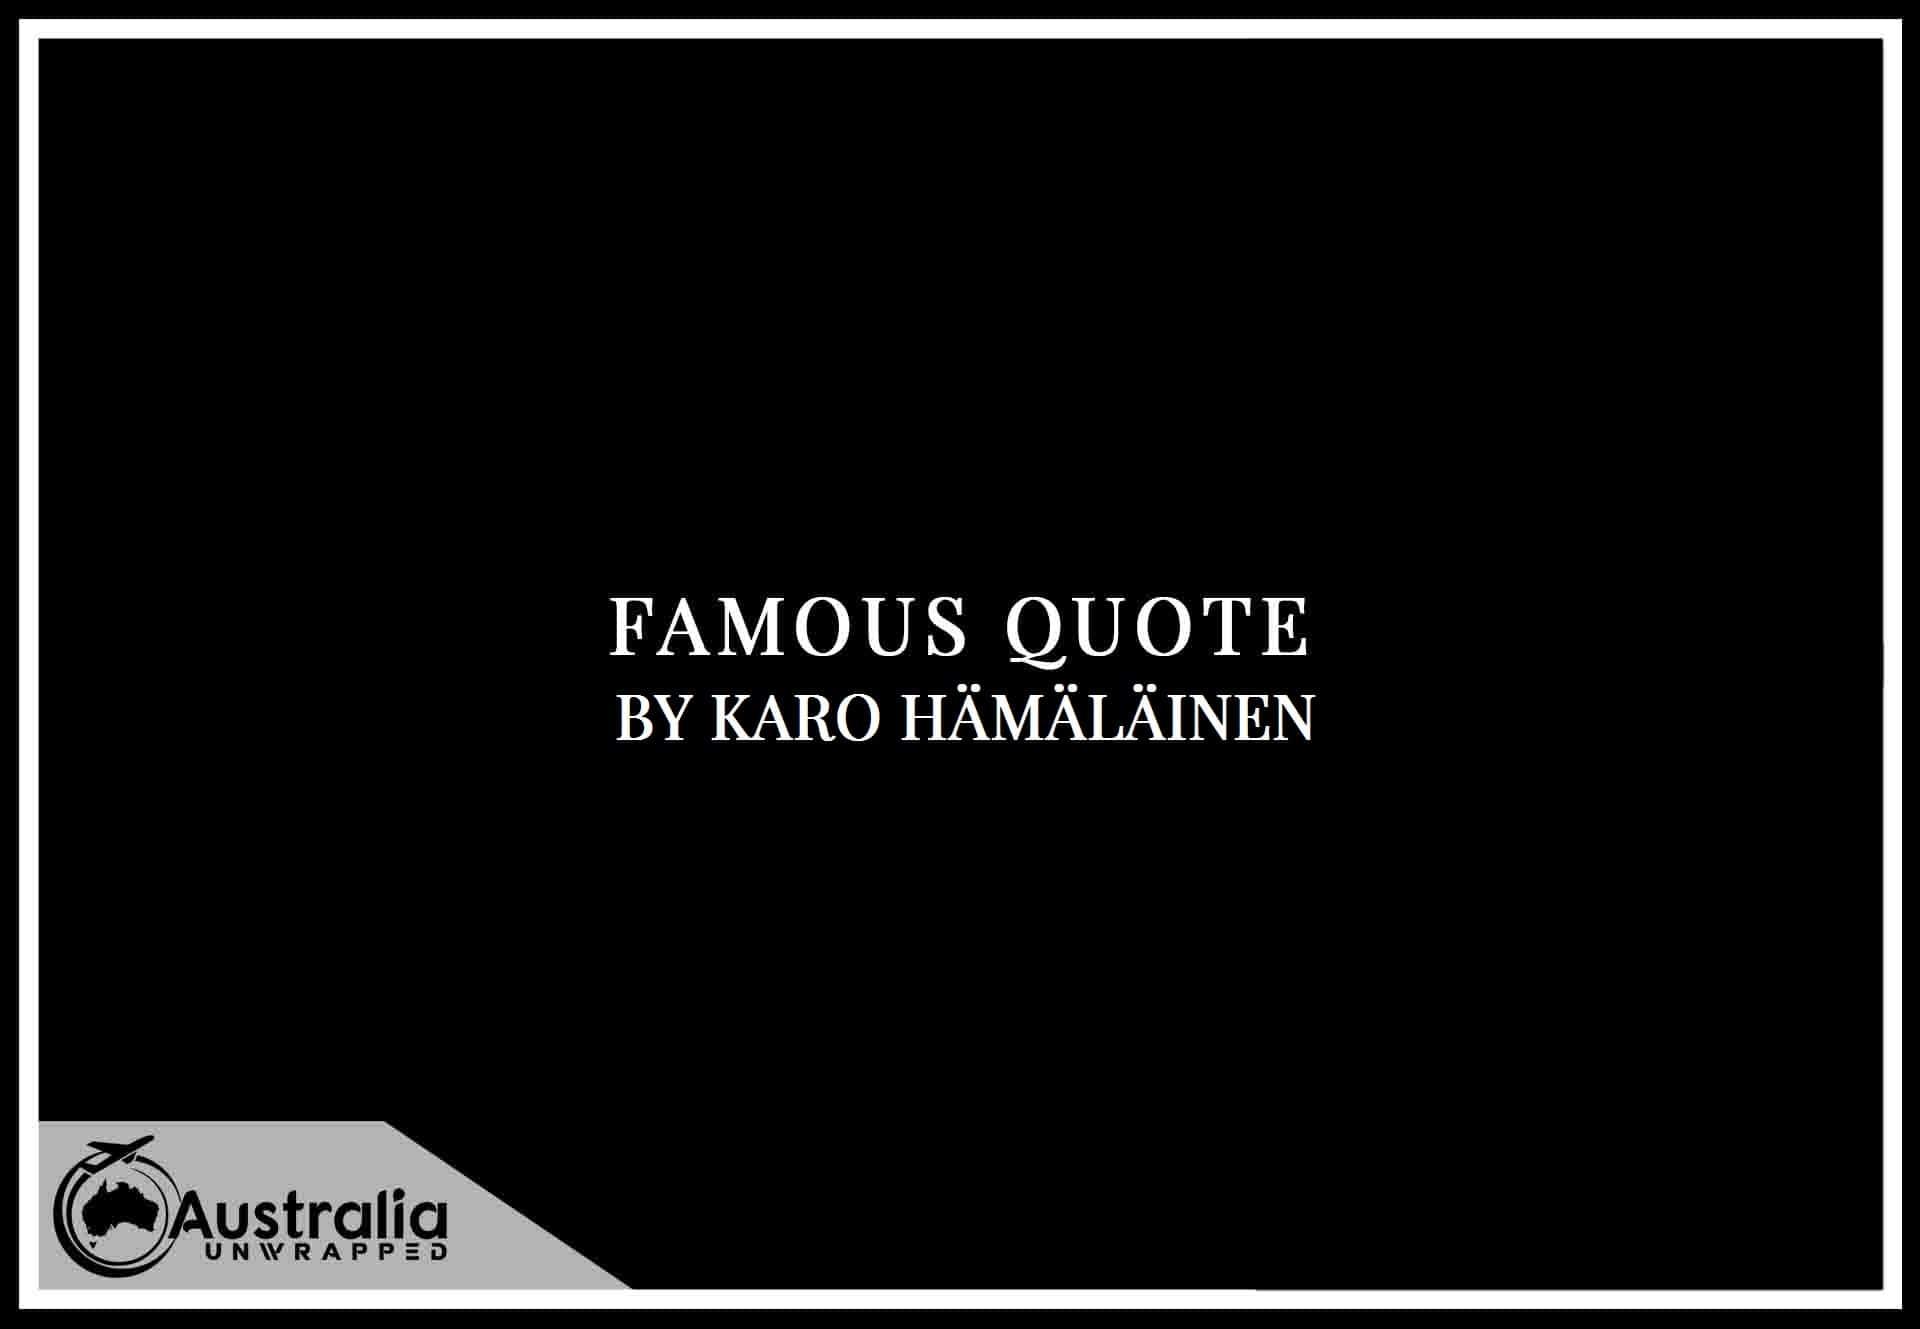 Karo Hämäläinen's Top 1 Popular and Famous Quotes